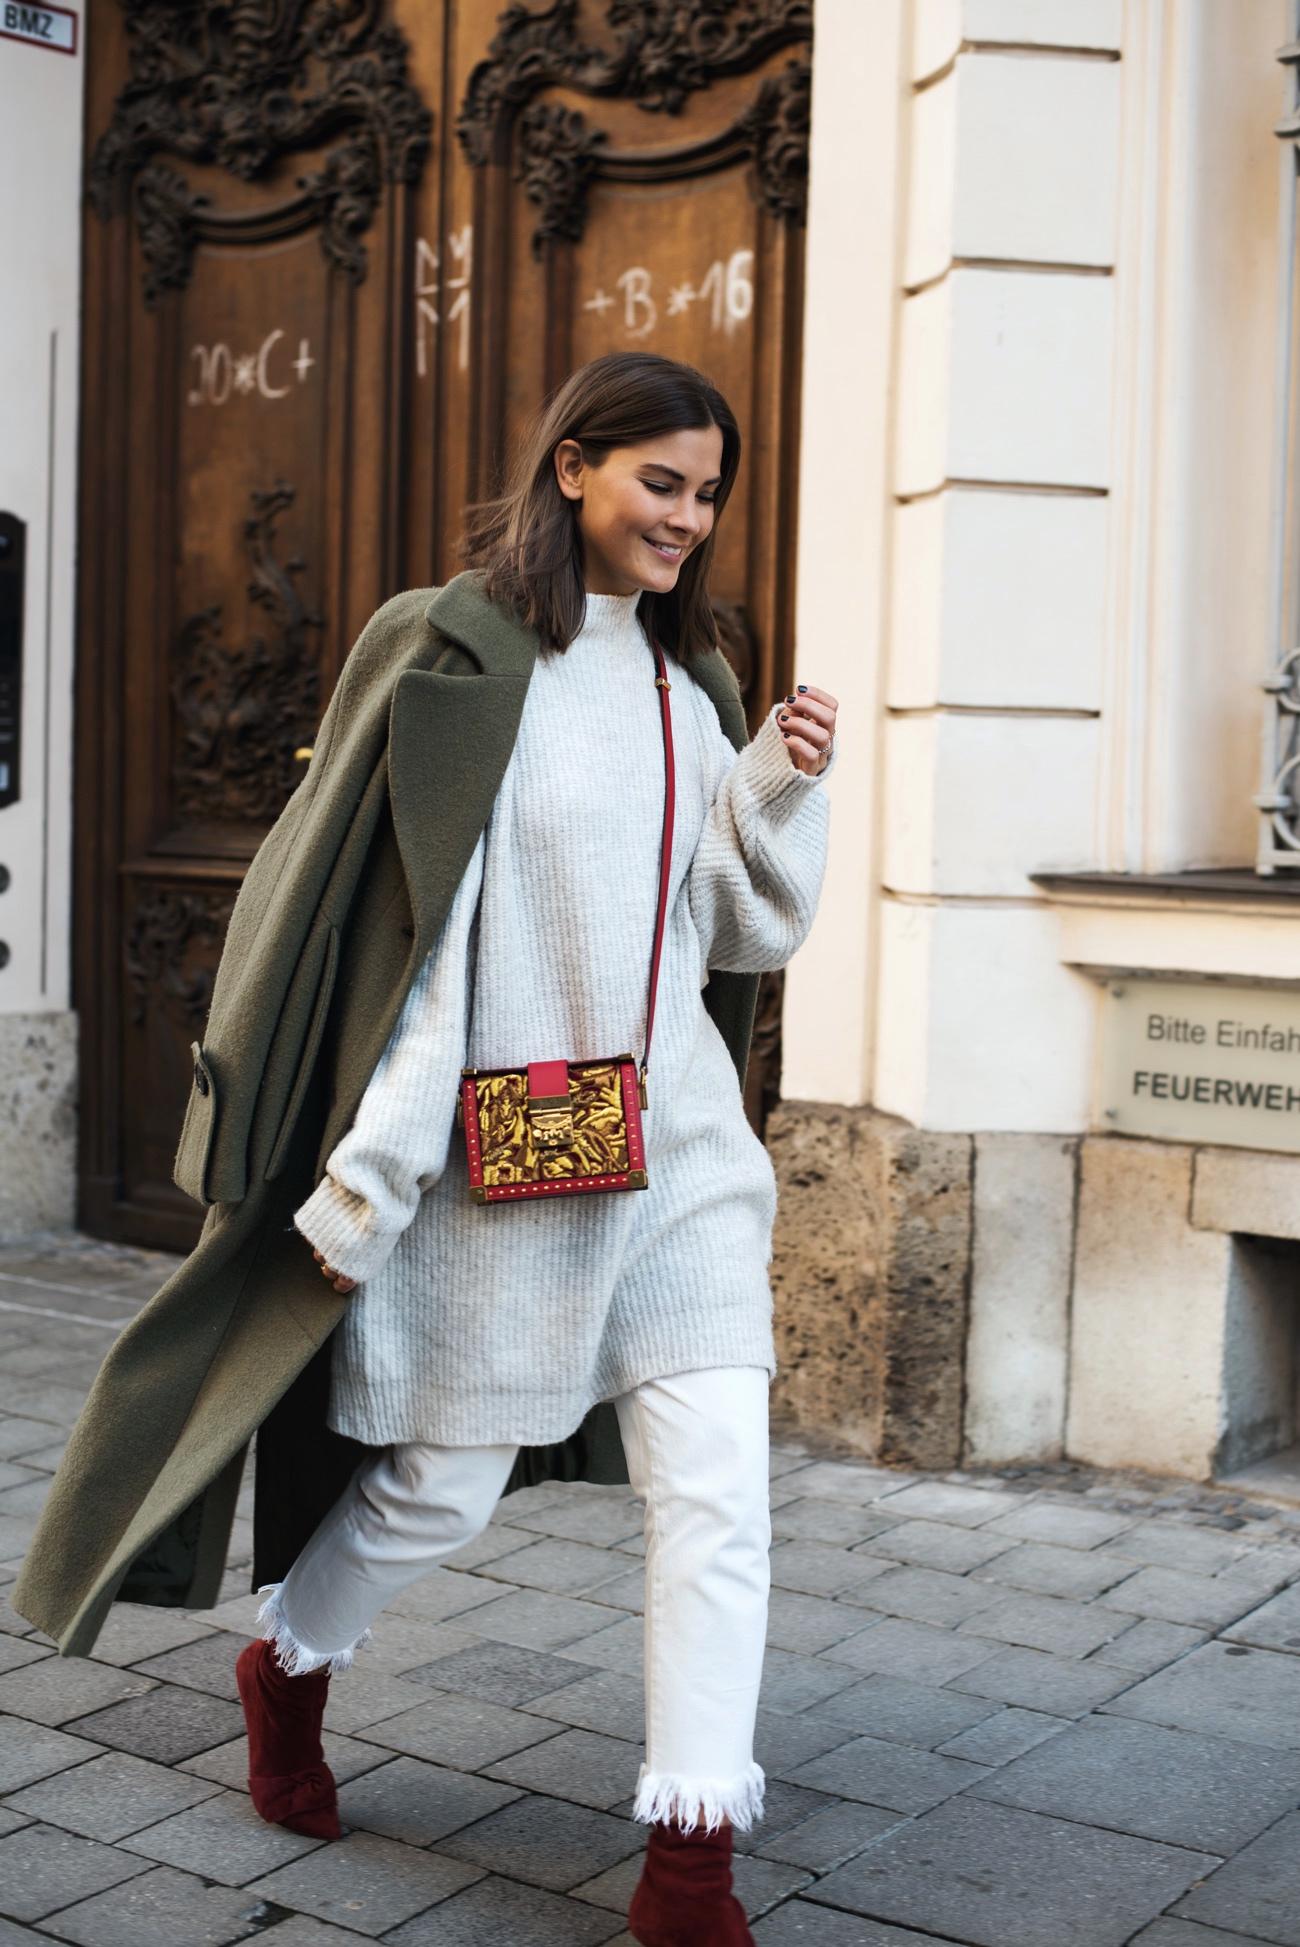 strickkleid-aus-wolle-zara-2016-blogger-streetstyle-fashiioncarpet